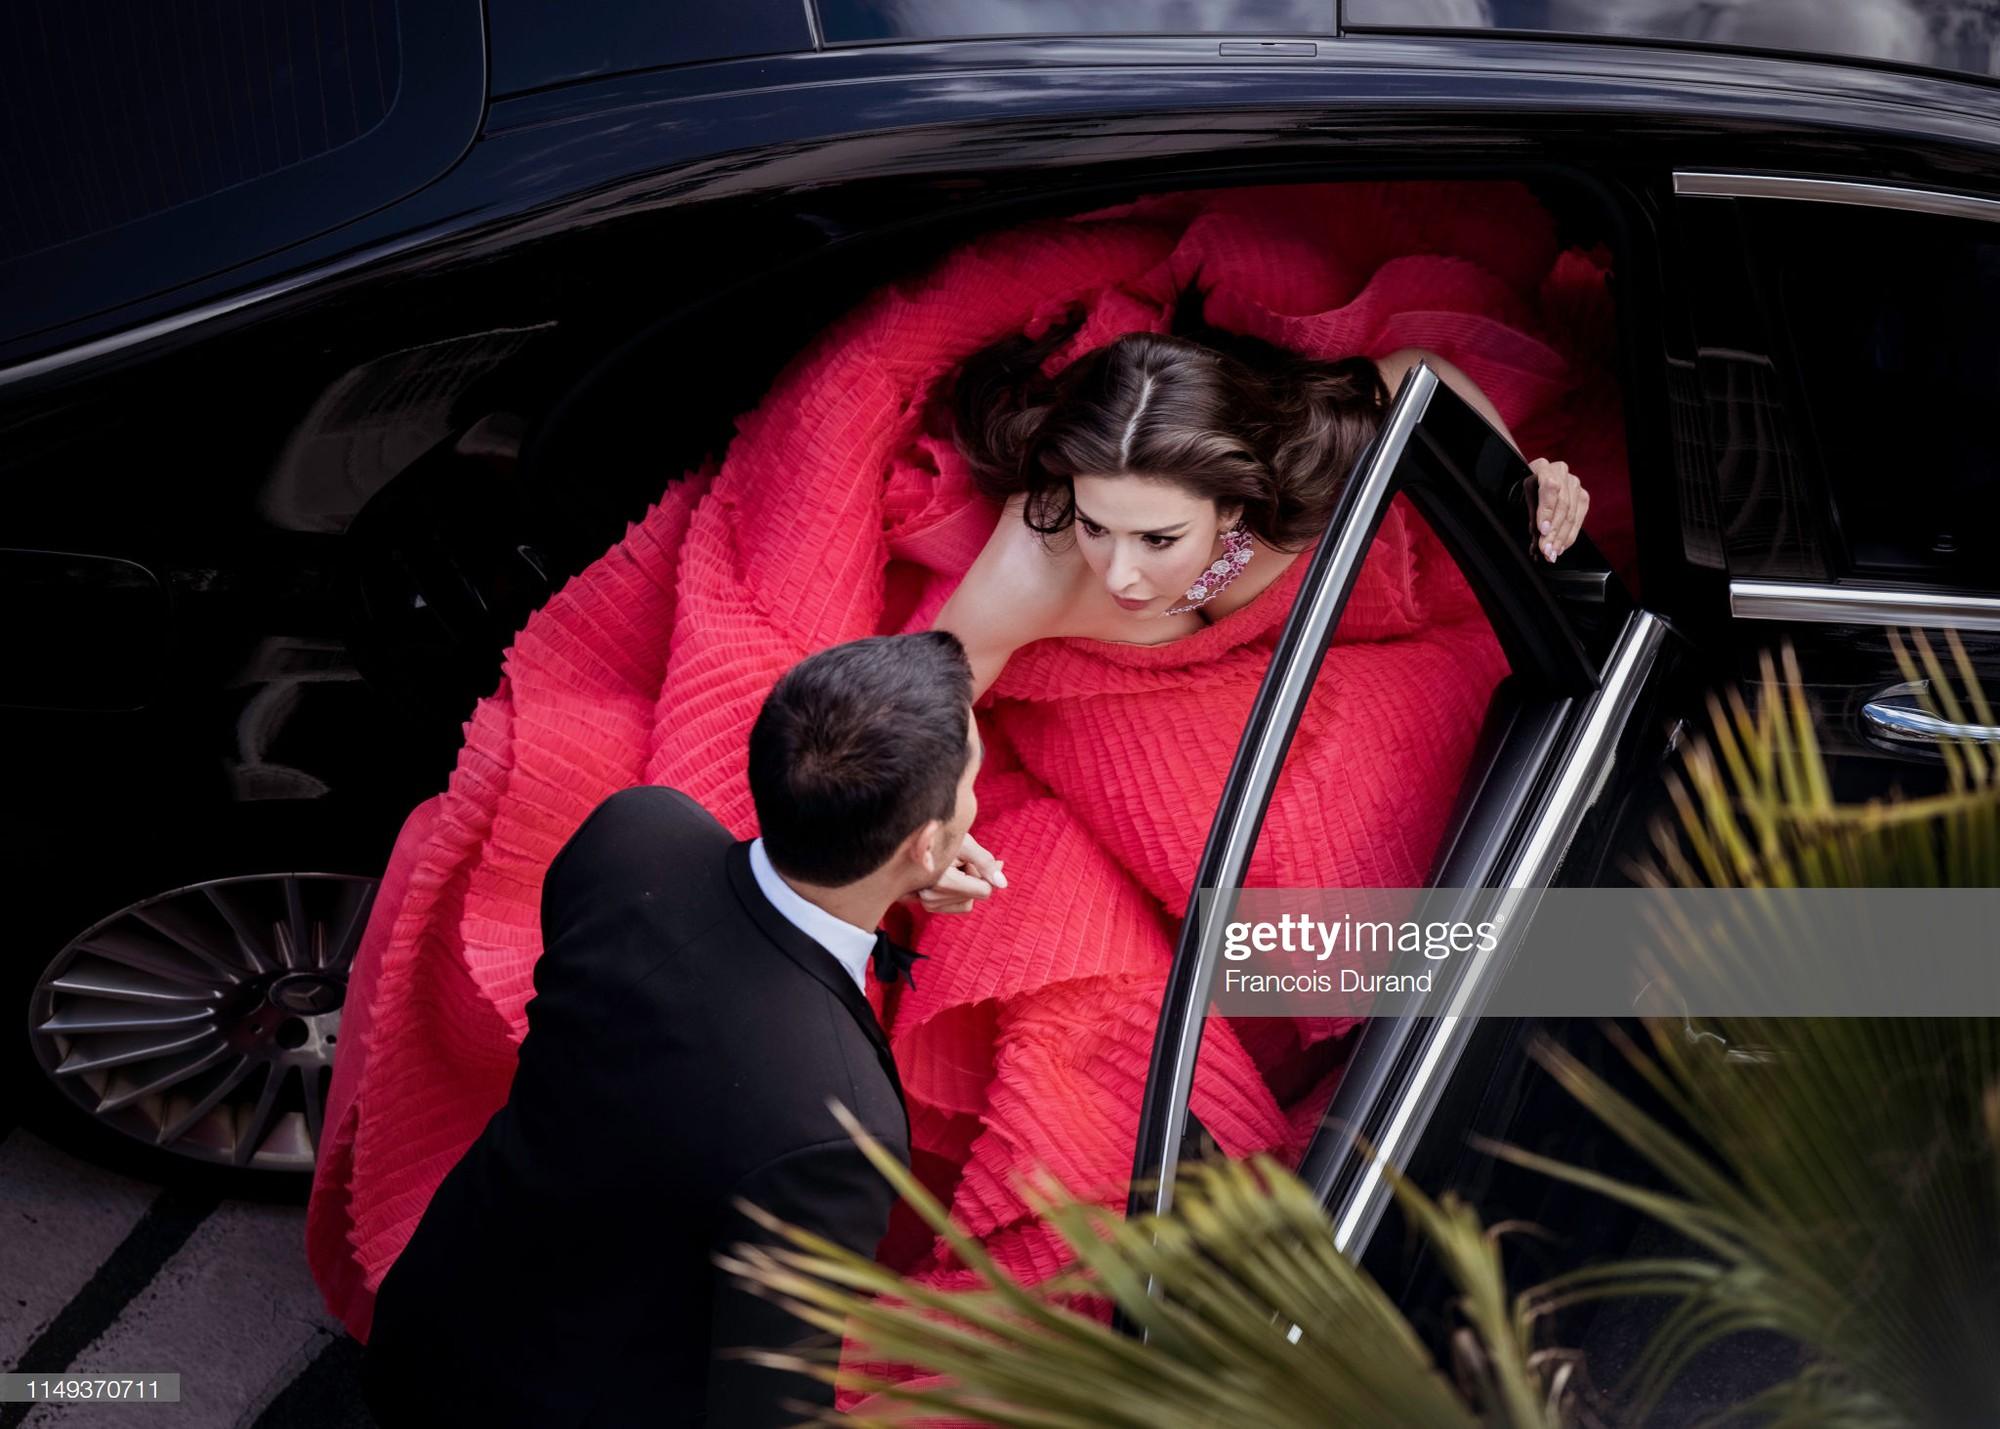 Ngày thứ 2 Cannes xuất hiện nữ thần nhan sắc chặt chém thảm đỏ, khiến Phạm Băng Băng Thái Lan chịu lép vế - Ảnh 1.